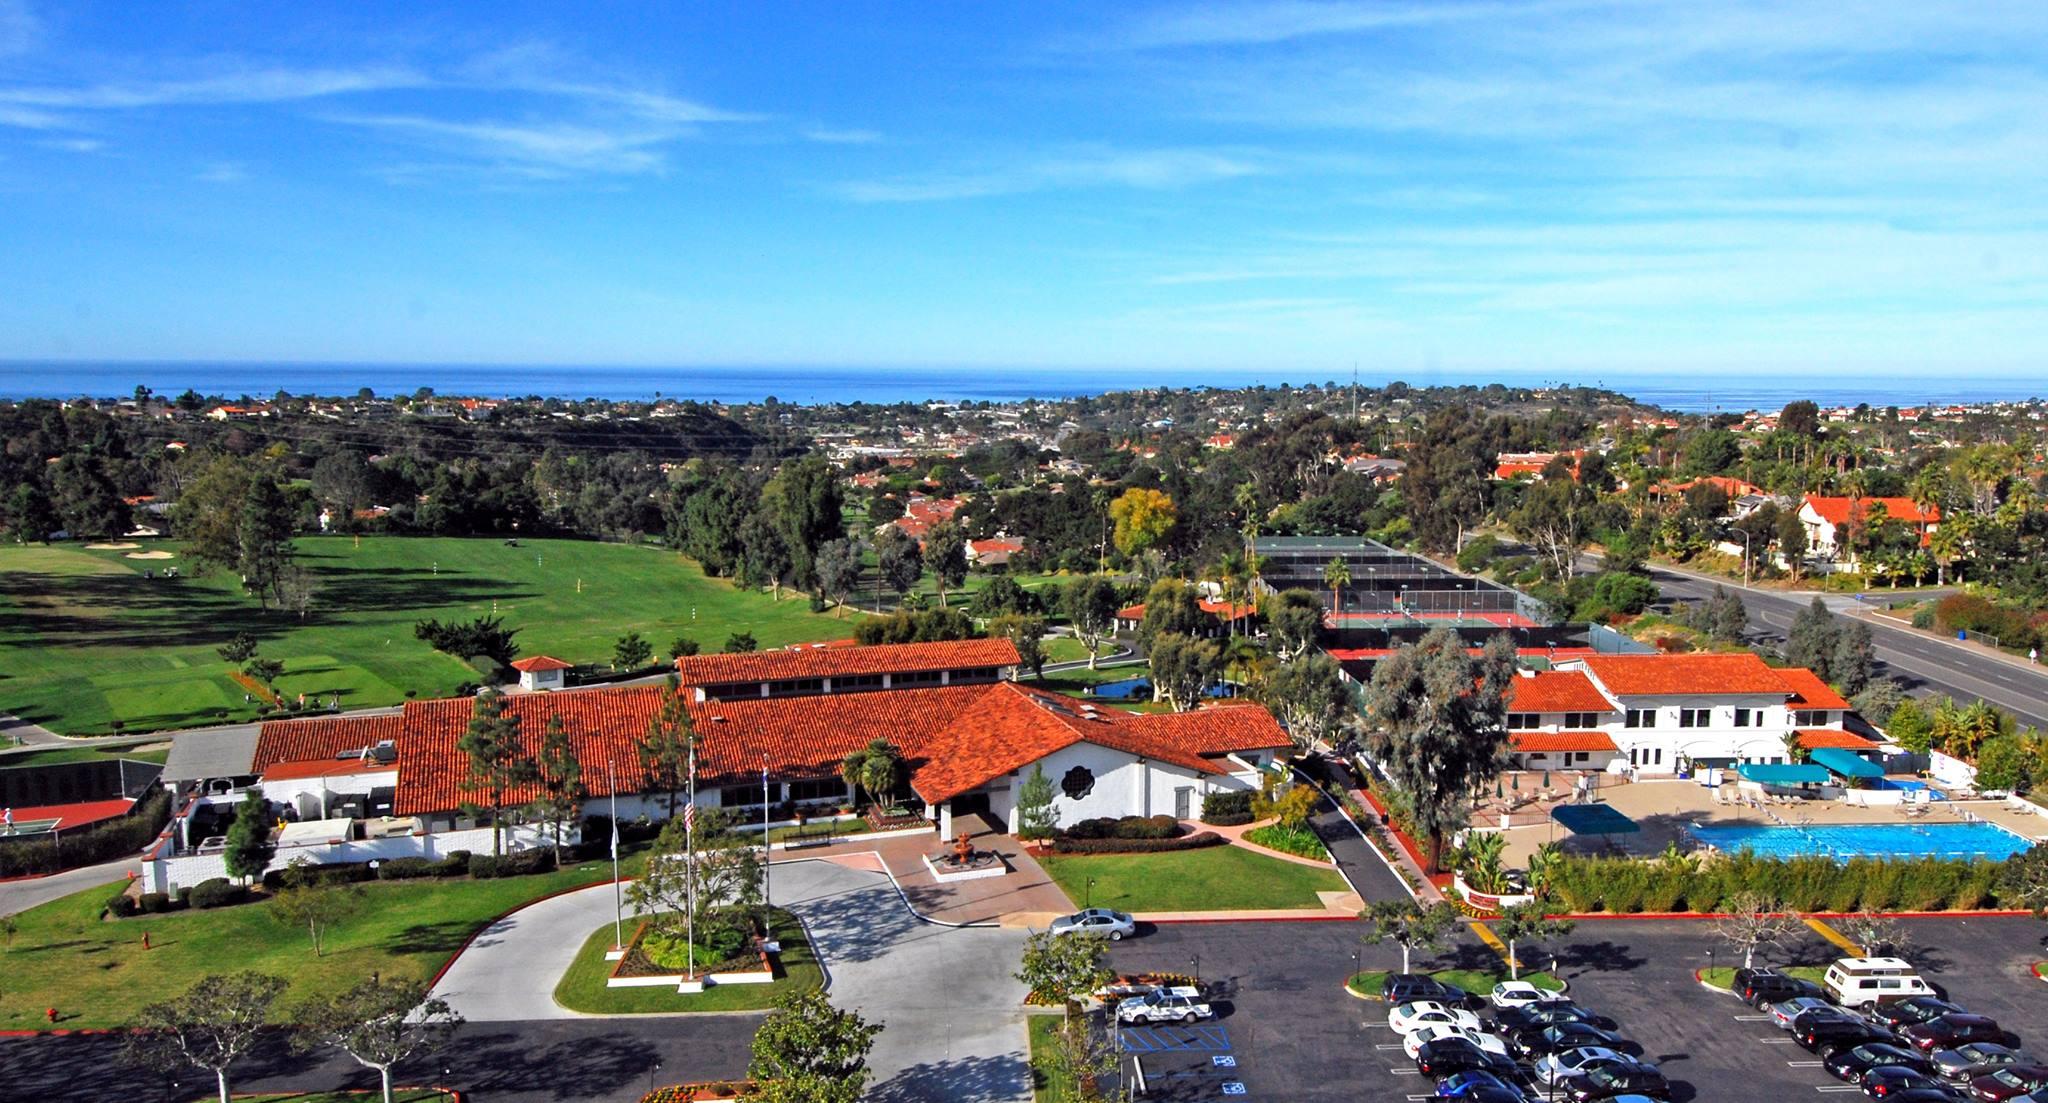 Lomas Santa fe country Club - Solana Beach, CA